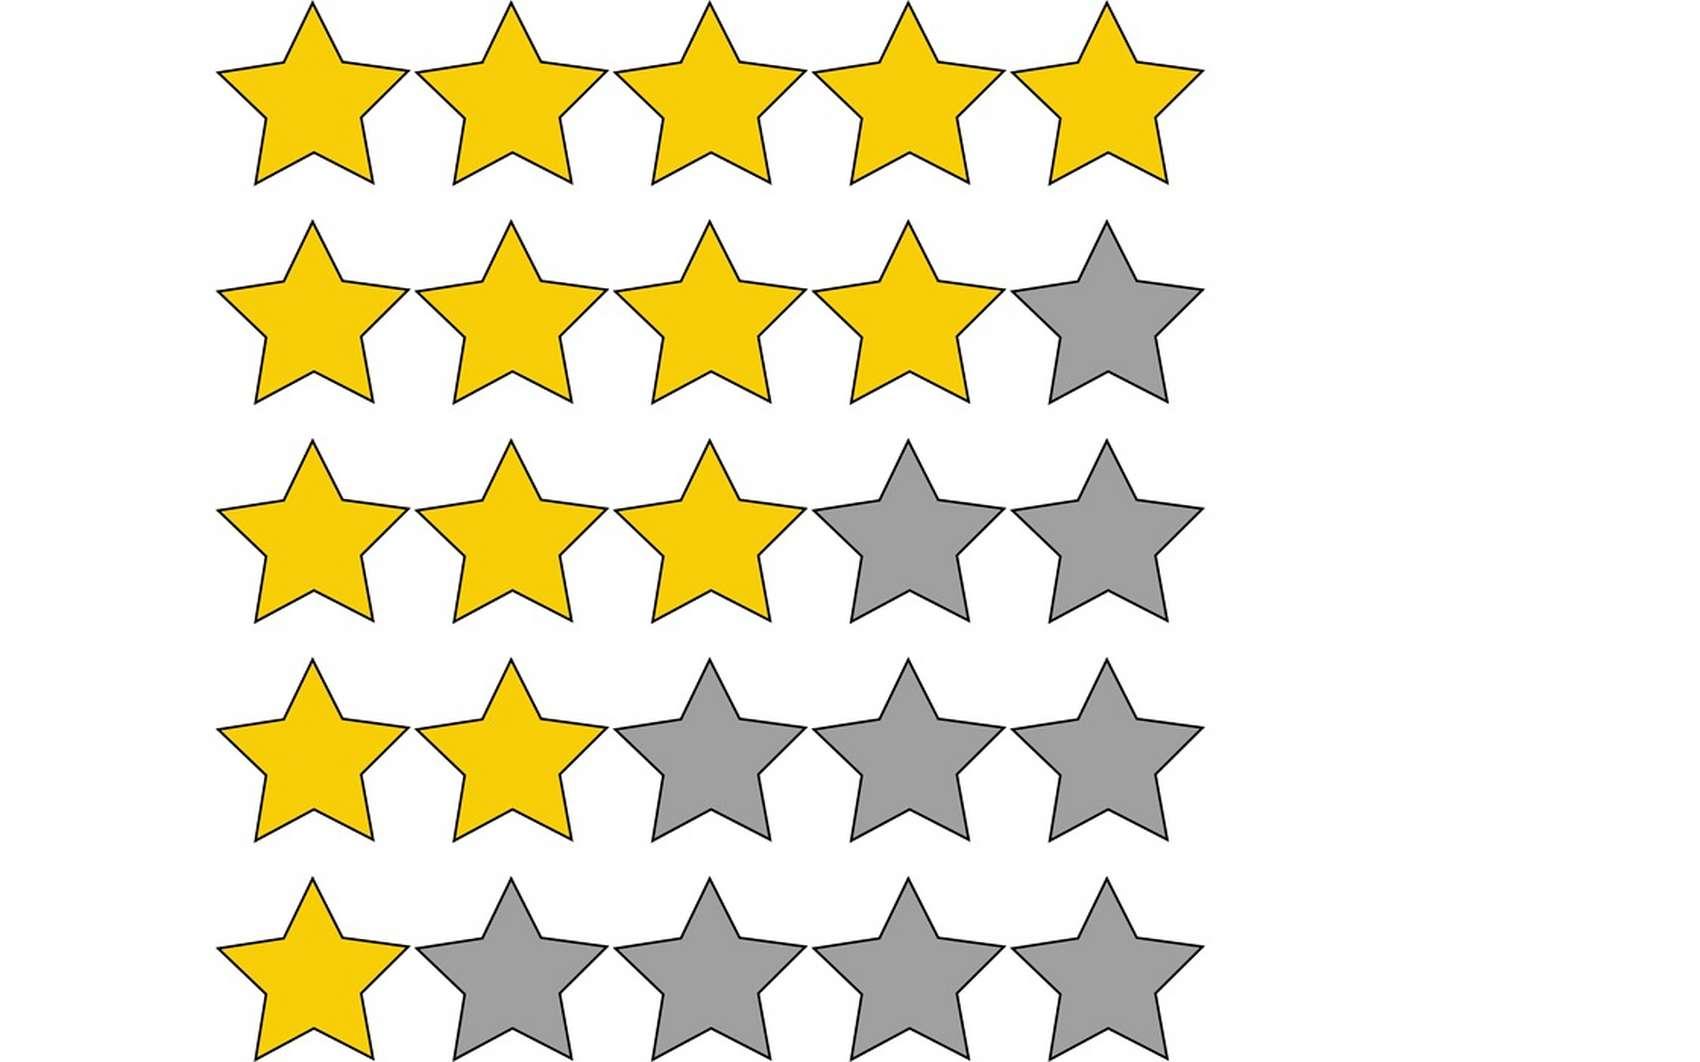 Analyse de produit selon une liste déterminée de critères d'évaluation, le benchmark est très utile pour se comparer face aux concurrents.